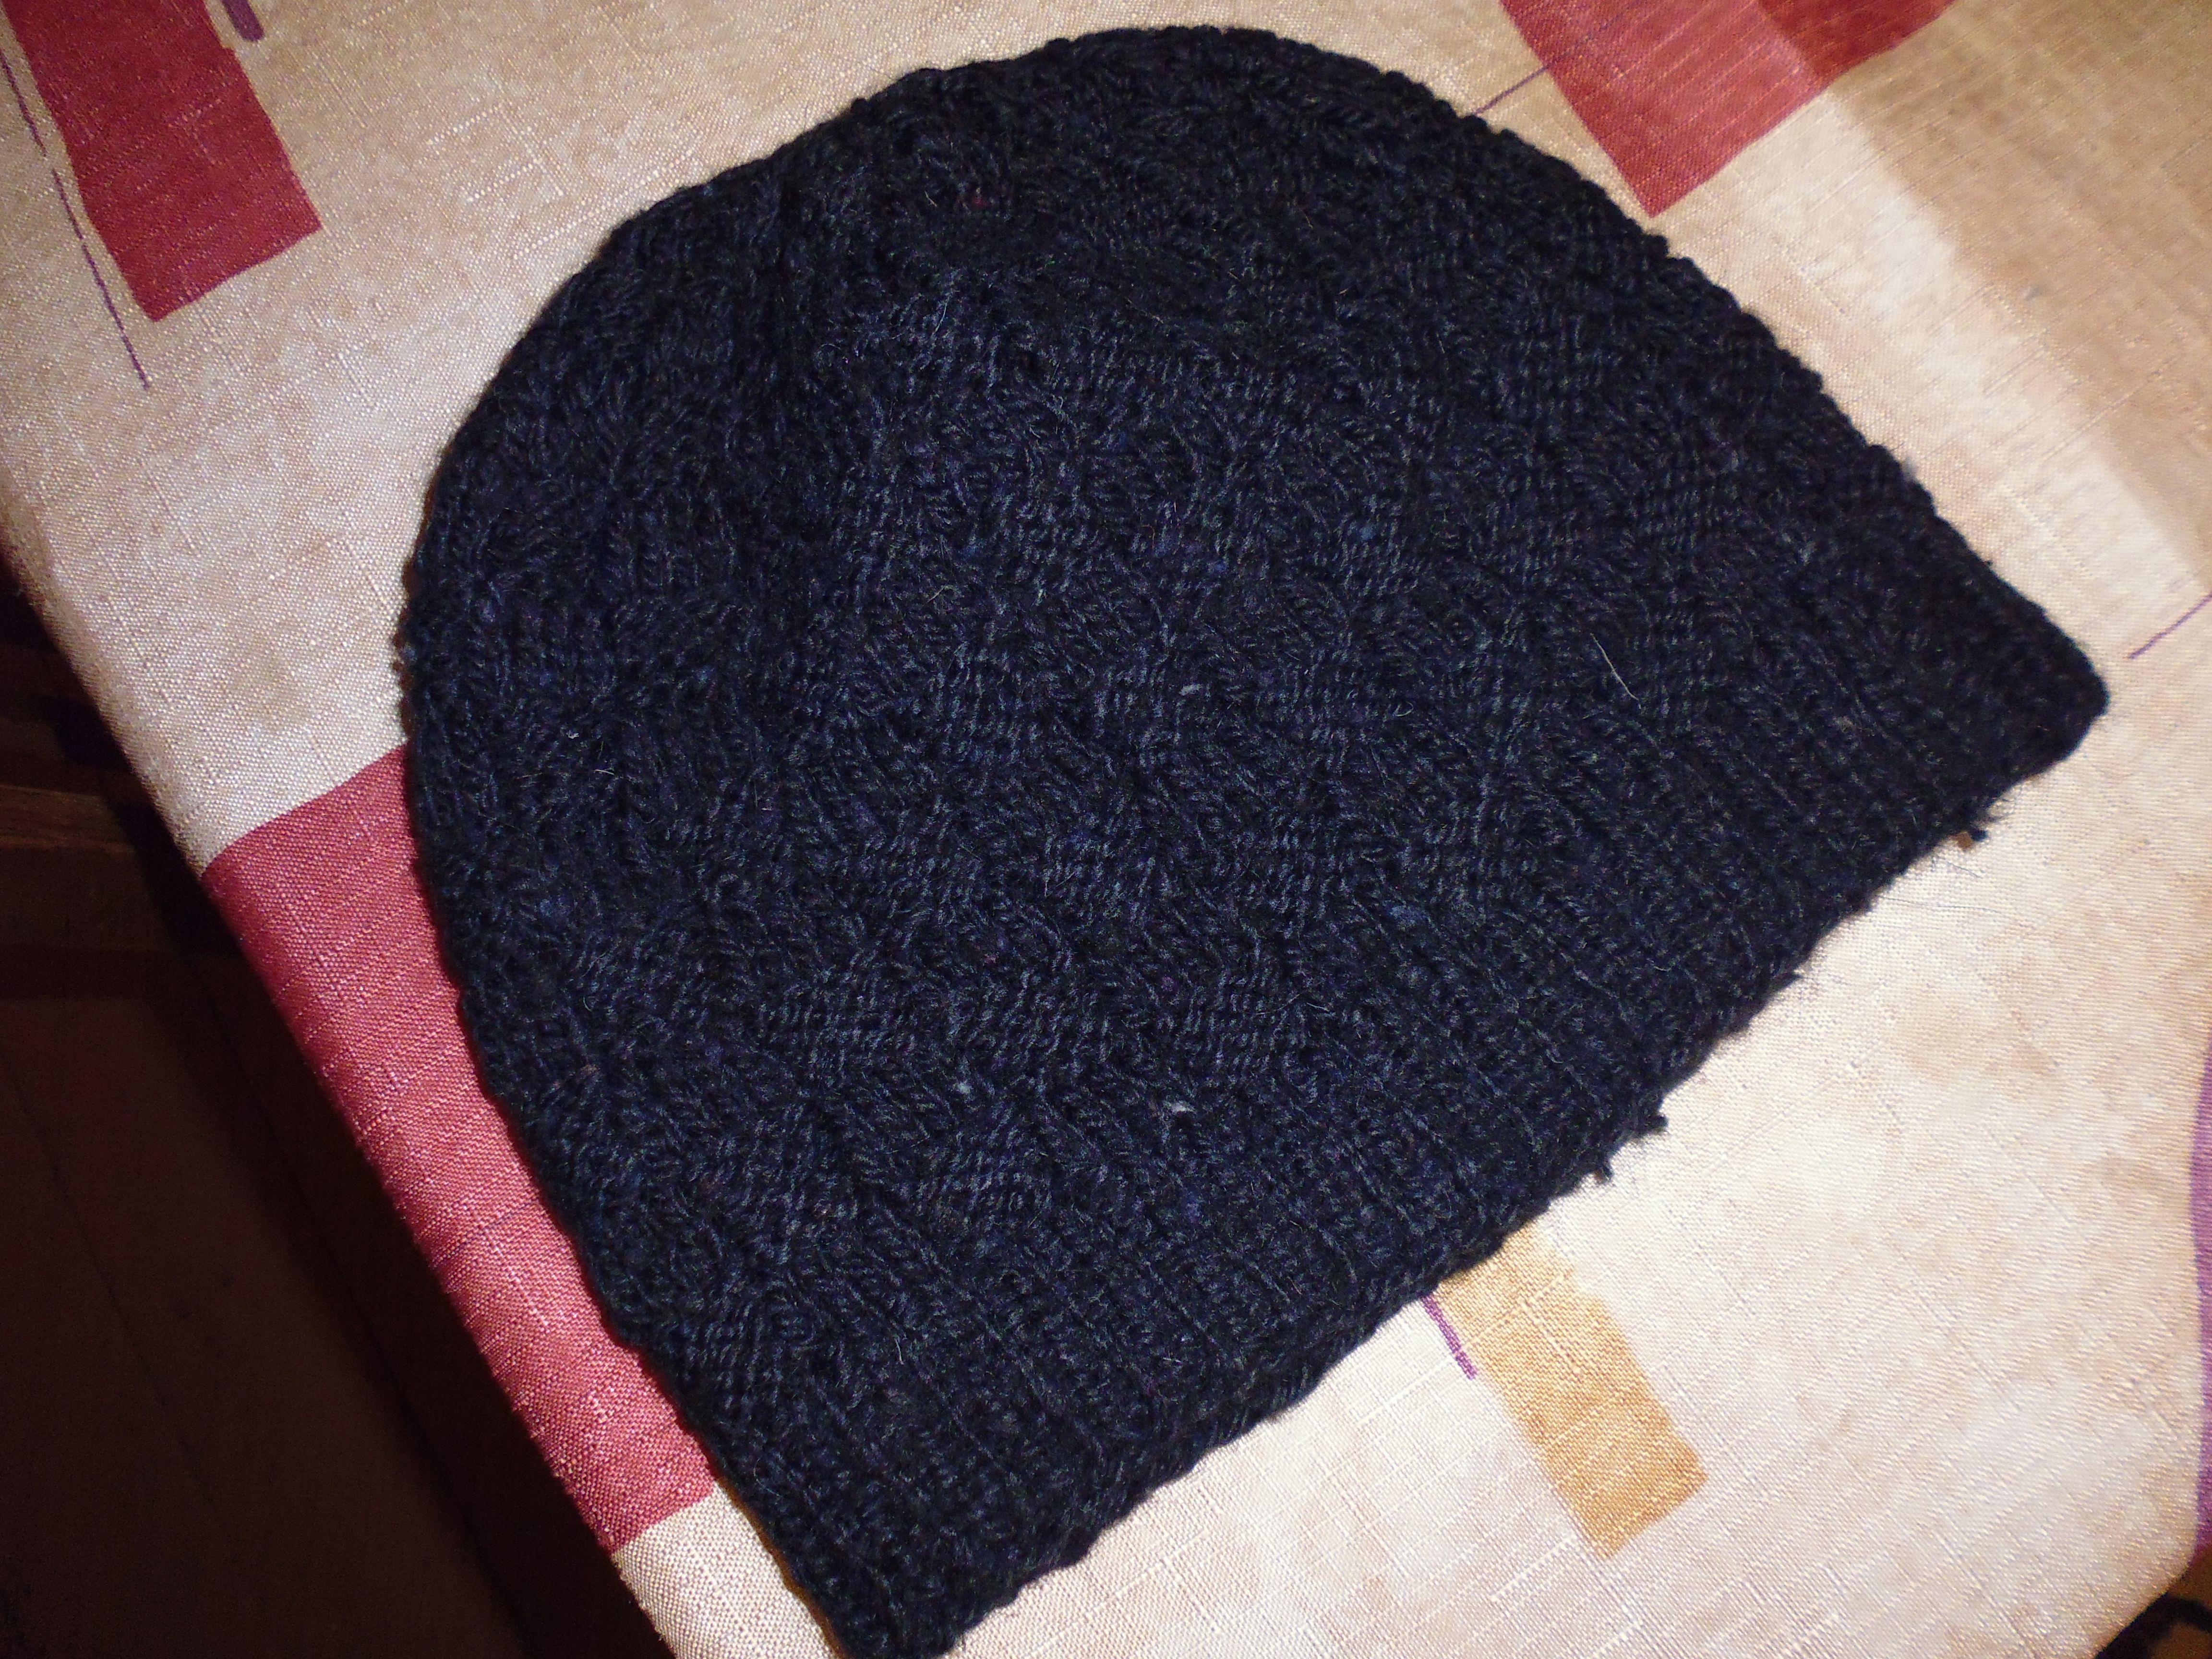 knitting шапканазаказ шапкамужская вязаниеназаказ kniting шапка вяжуназаказ вяжу